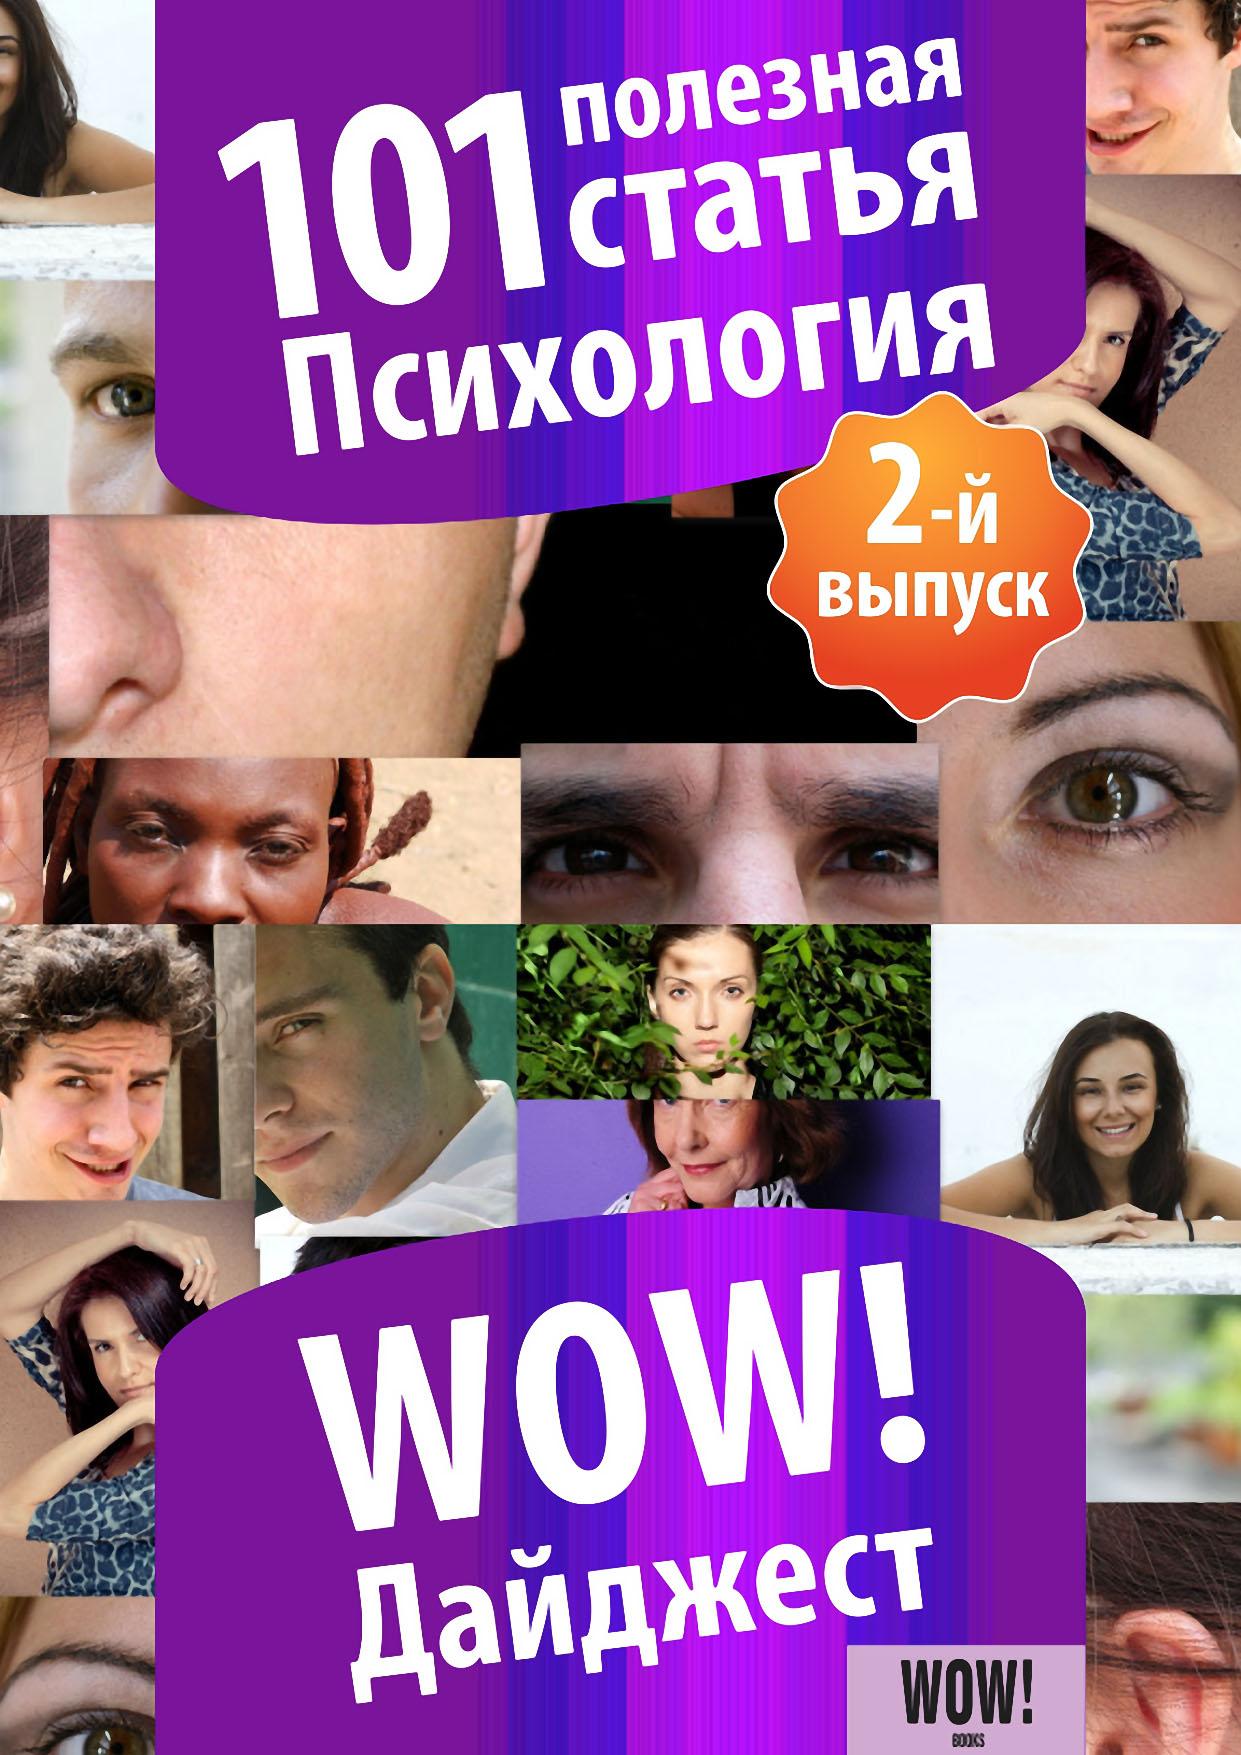 Отсутствует 101 полезная статья. Психология. 2-й выпуск отсутствует наша психология 02 2012